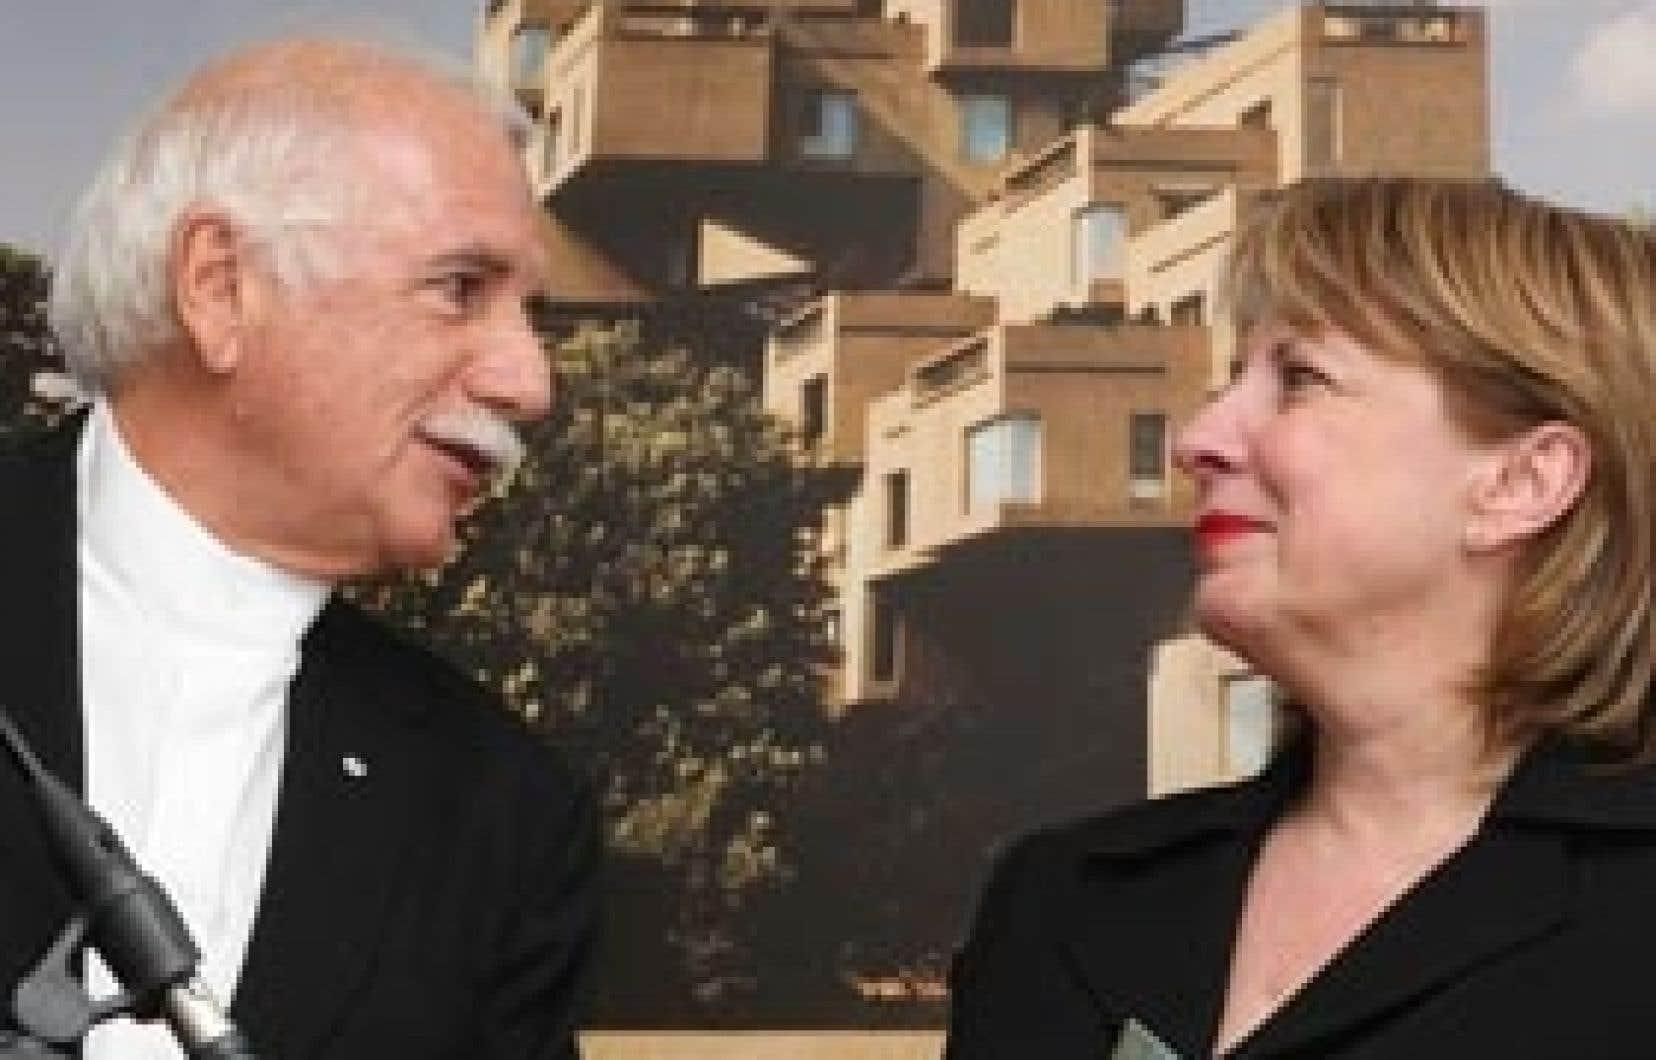 La ministre de la Culture, Christine St-Pierre, a annoncé hier que l'extérieur d'Habitat 67 et l'intérieur des unités 1011 et 1012, propriétés de l'architecte concepteur Moshe Safdie (à gauche), seraient classés monument historique en ver